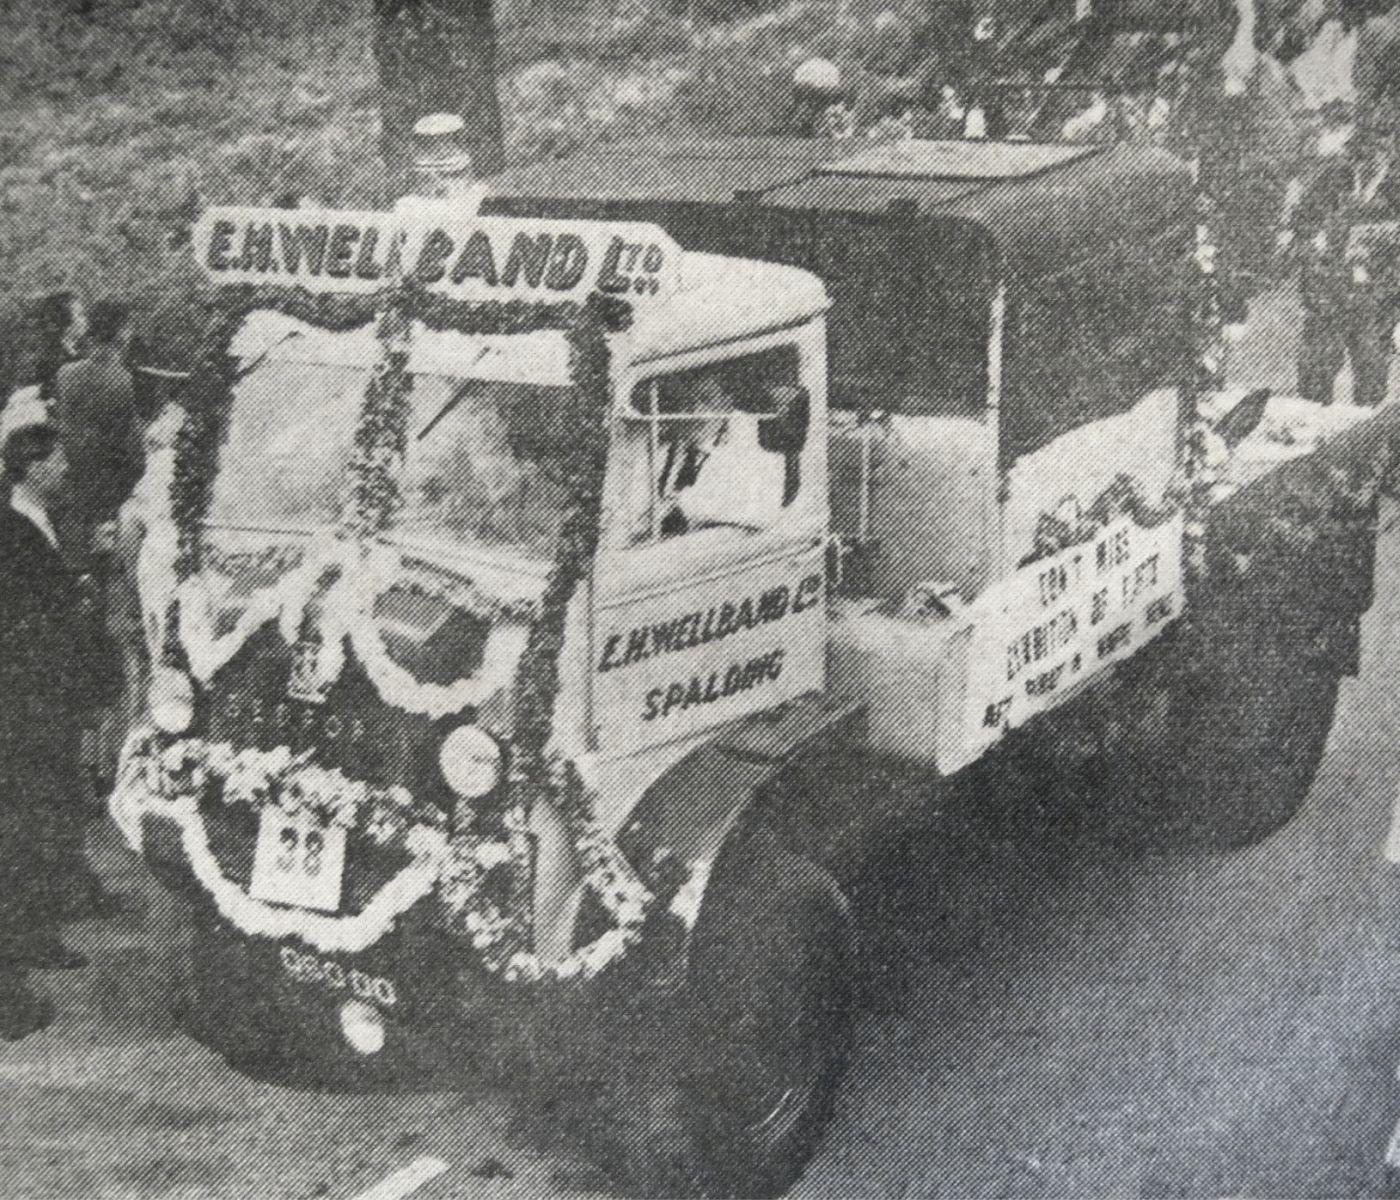 Wellband Breakdown Truck, Flower Parade 1964